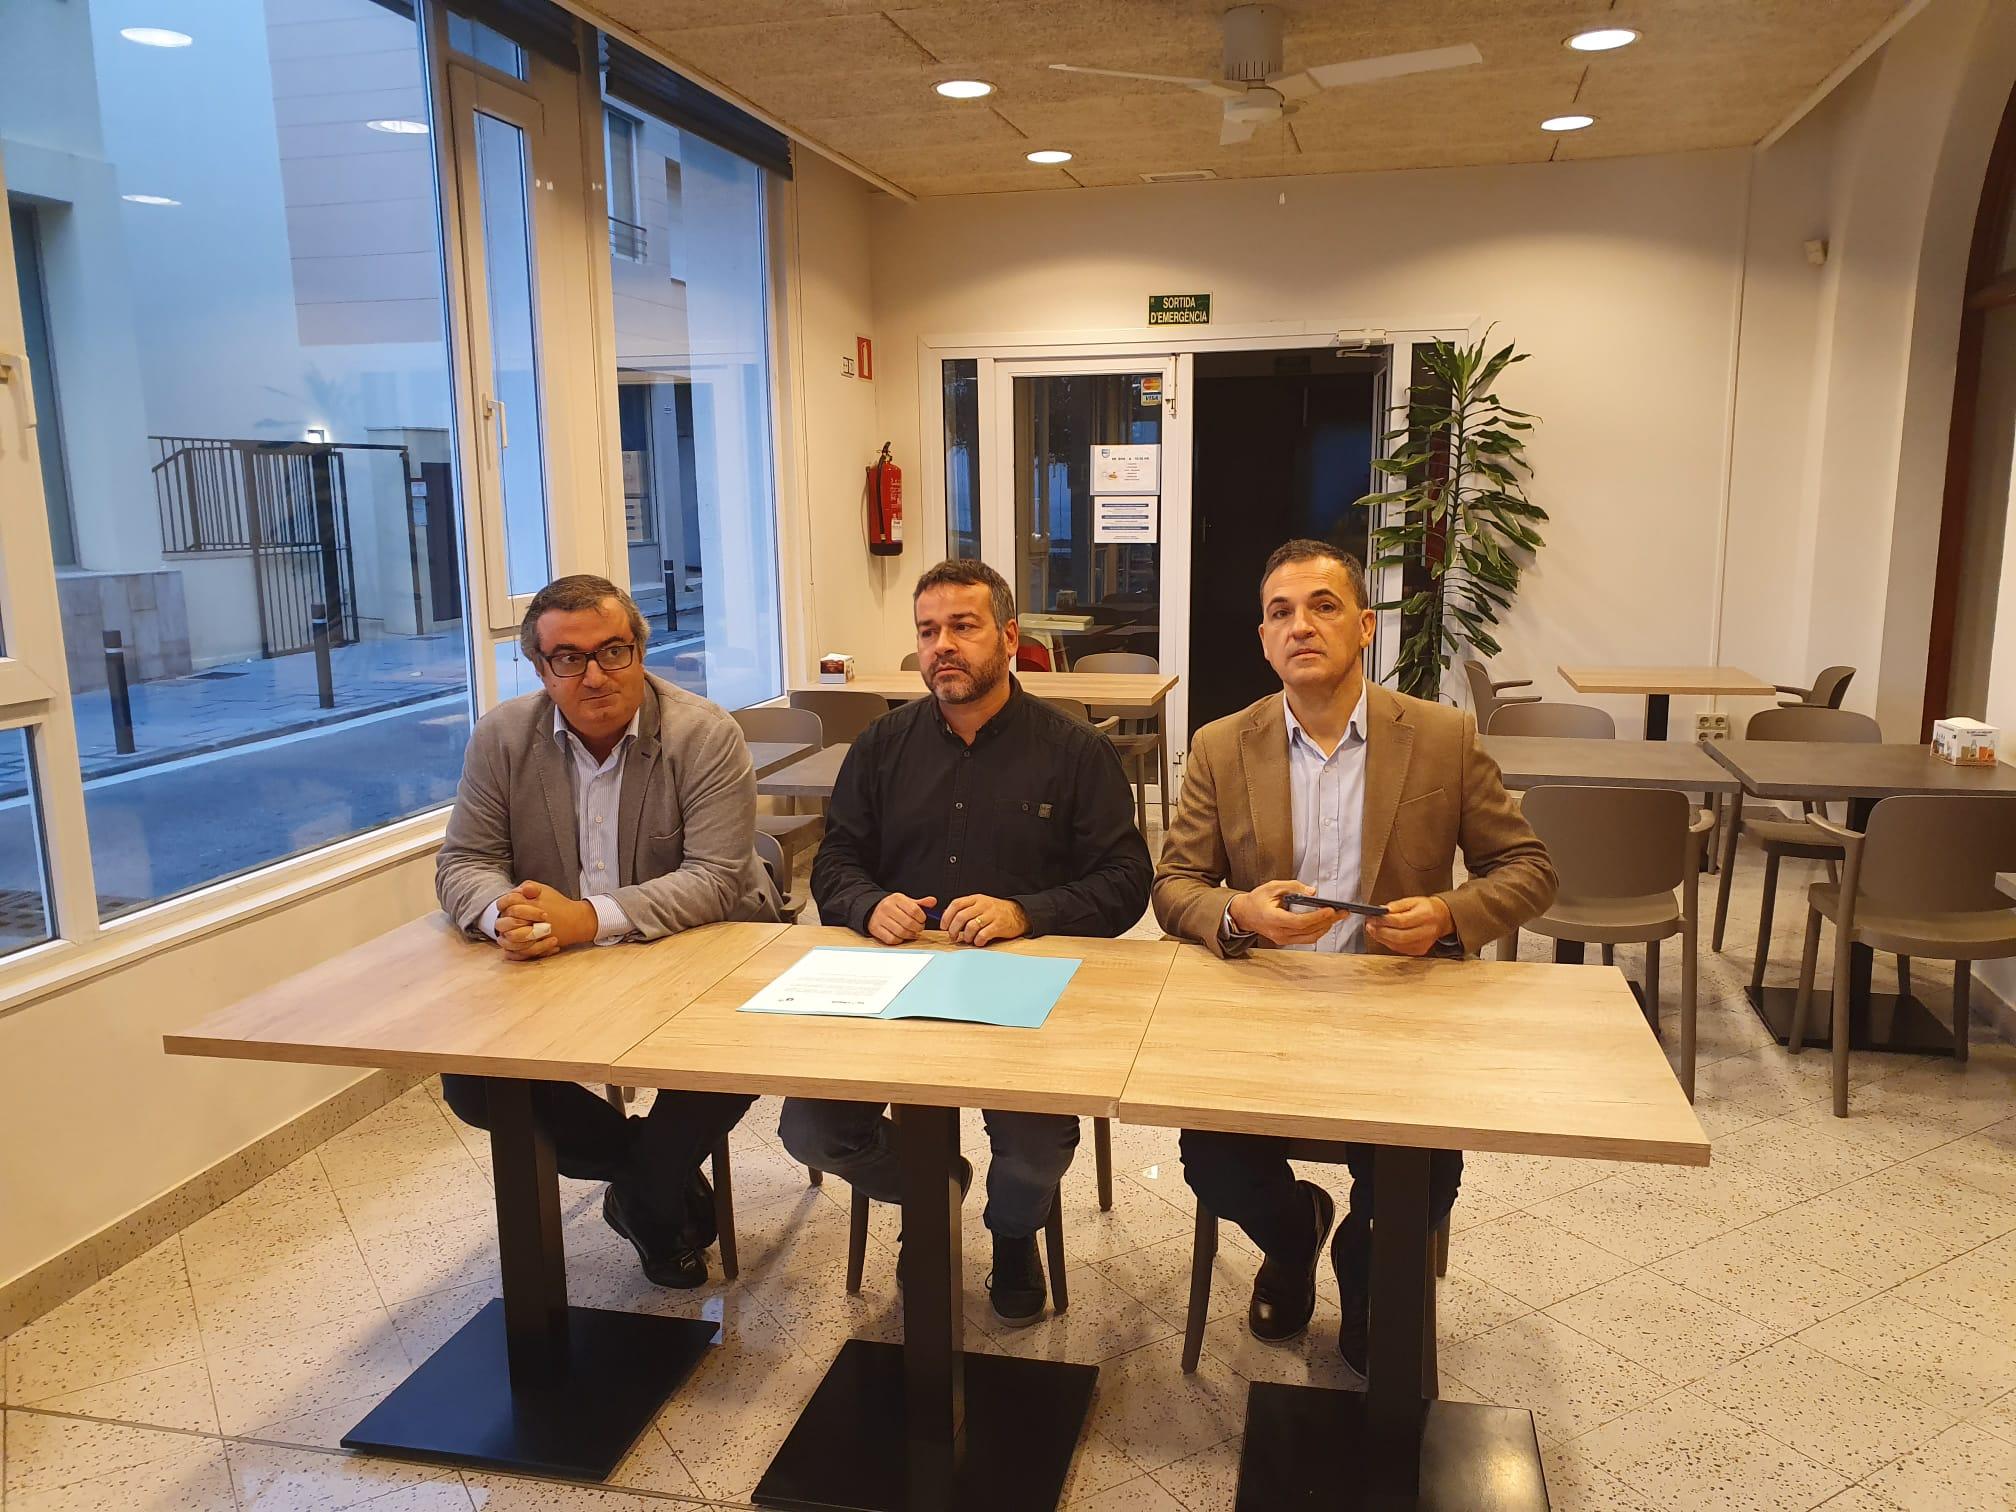 Gent del poble de Roses s'adhereix a la coalició de partits municipalistes i independents promoguda per TOTS x l'EMPORDÀ